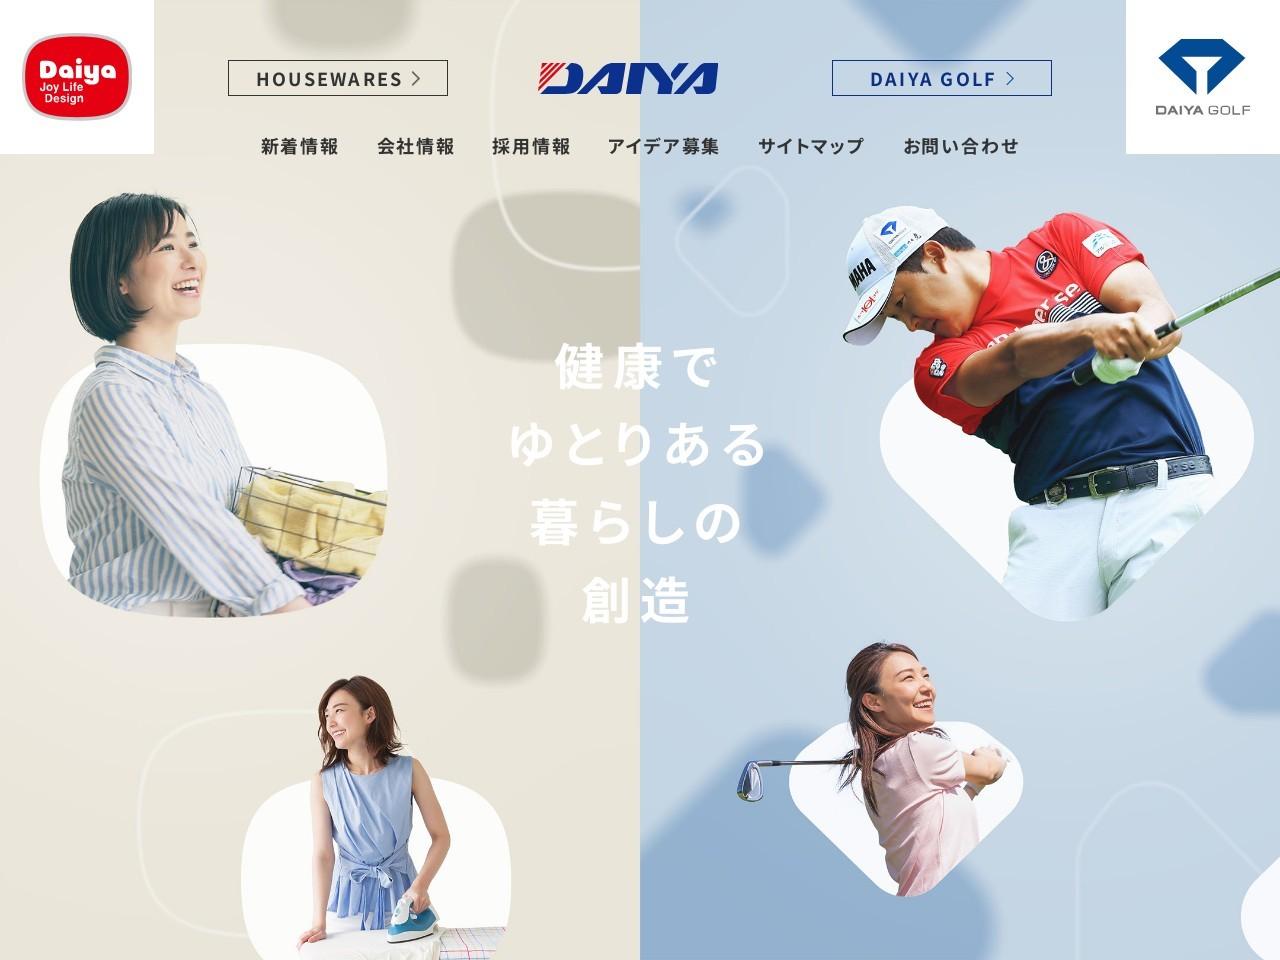 株式会社ダイヤコーポレーション/消費者係